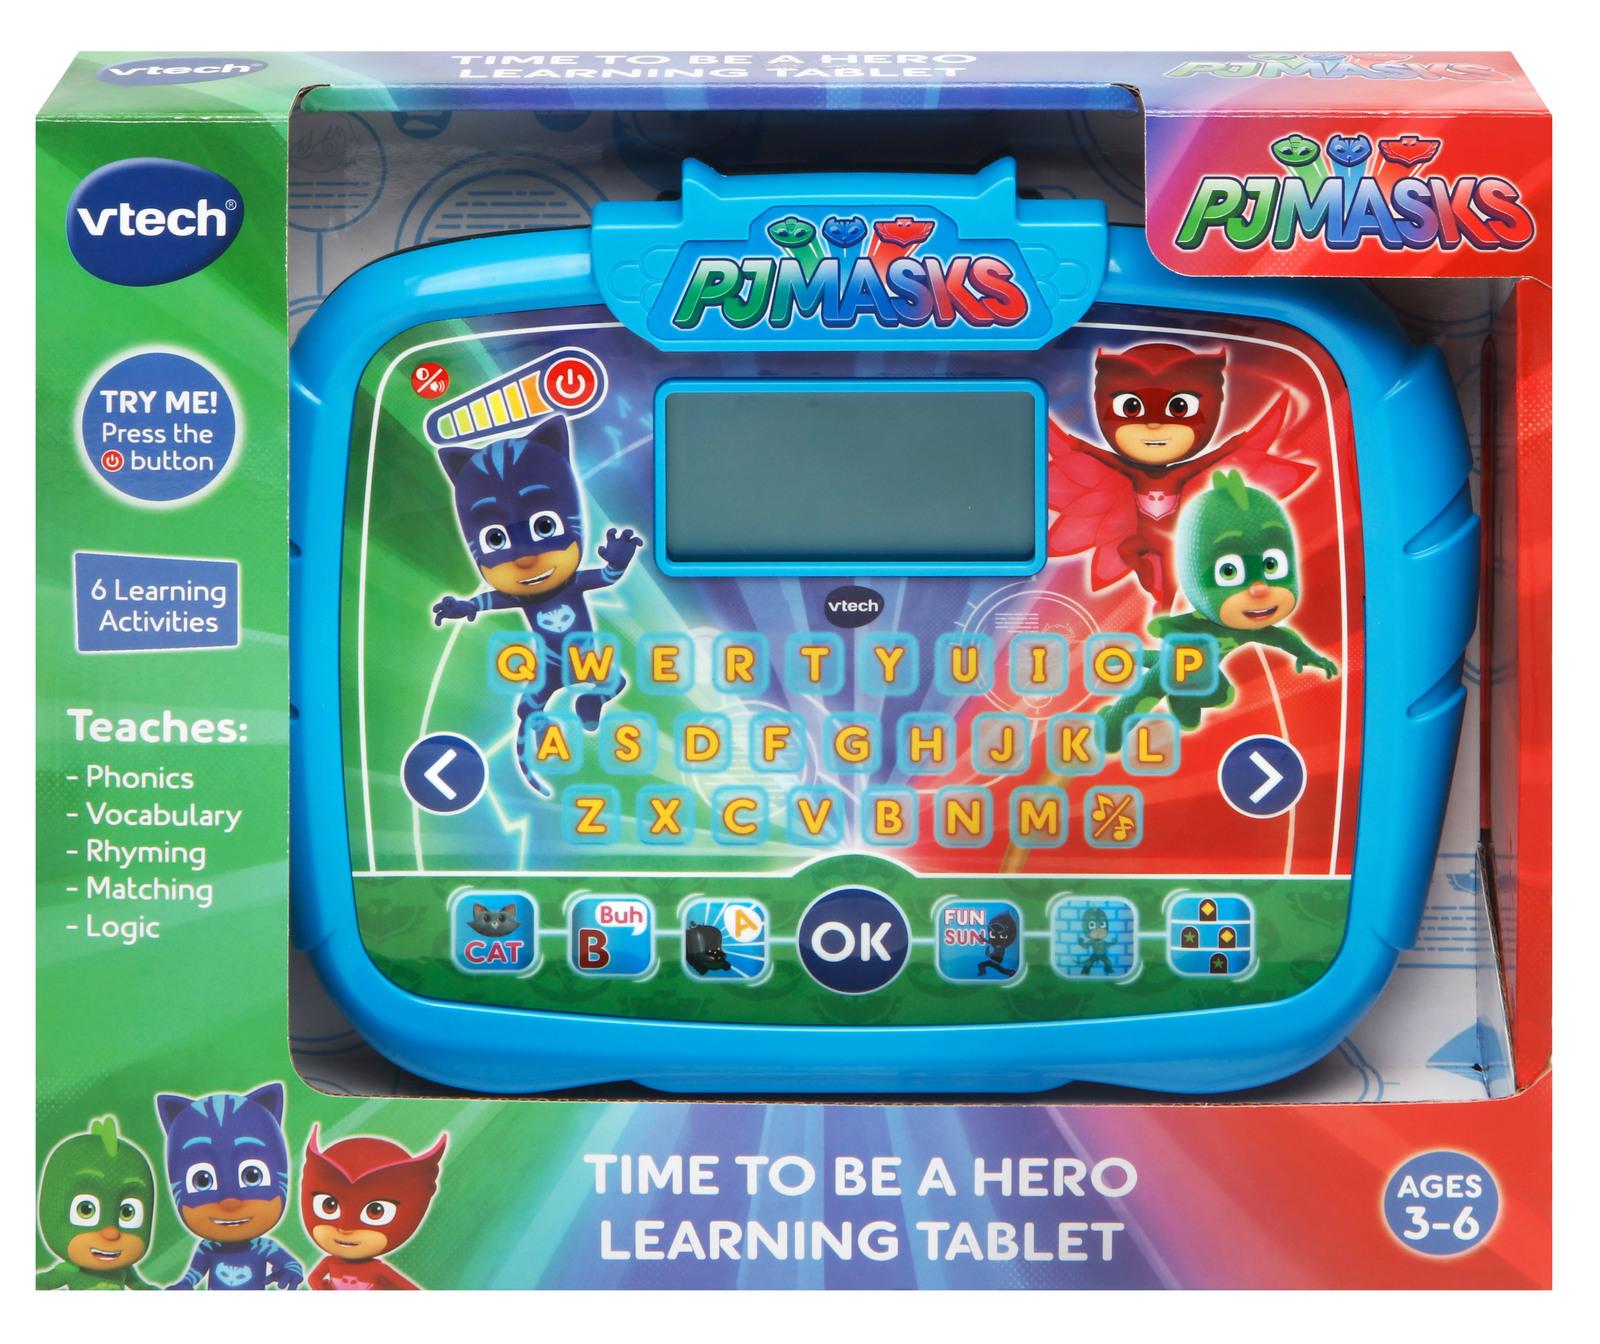 Vtech: PJ Masks - Super Hero Learning Tablet image